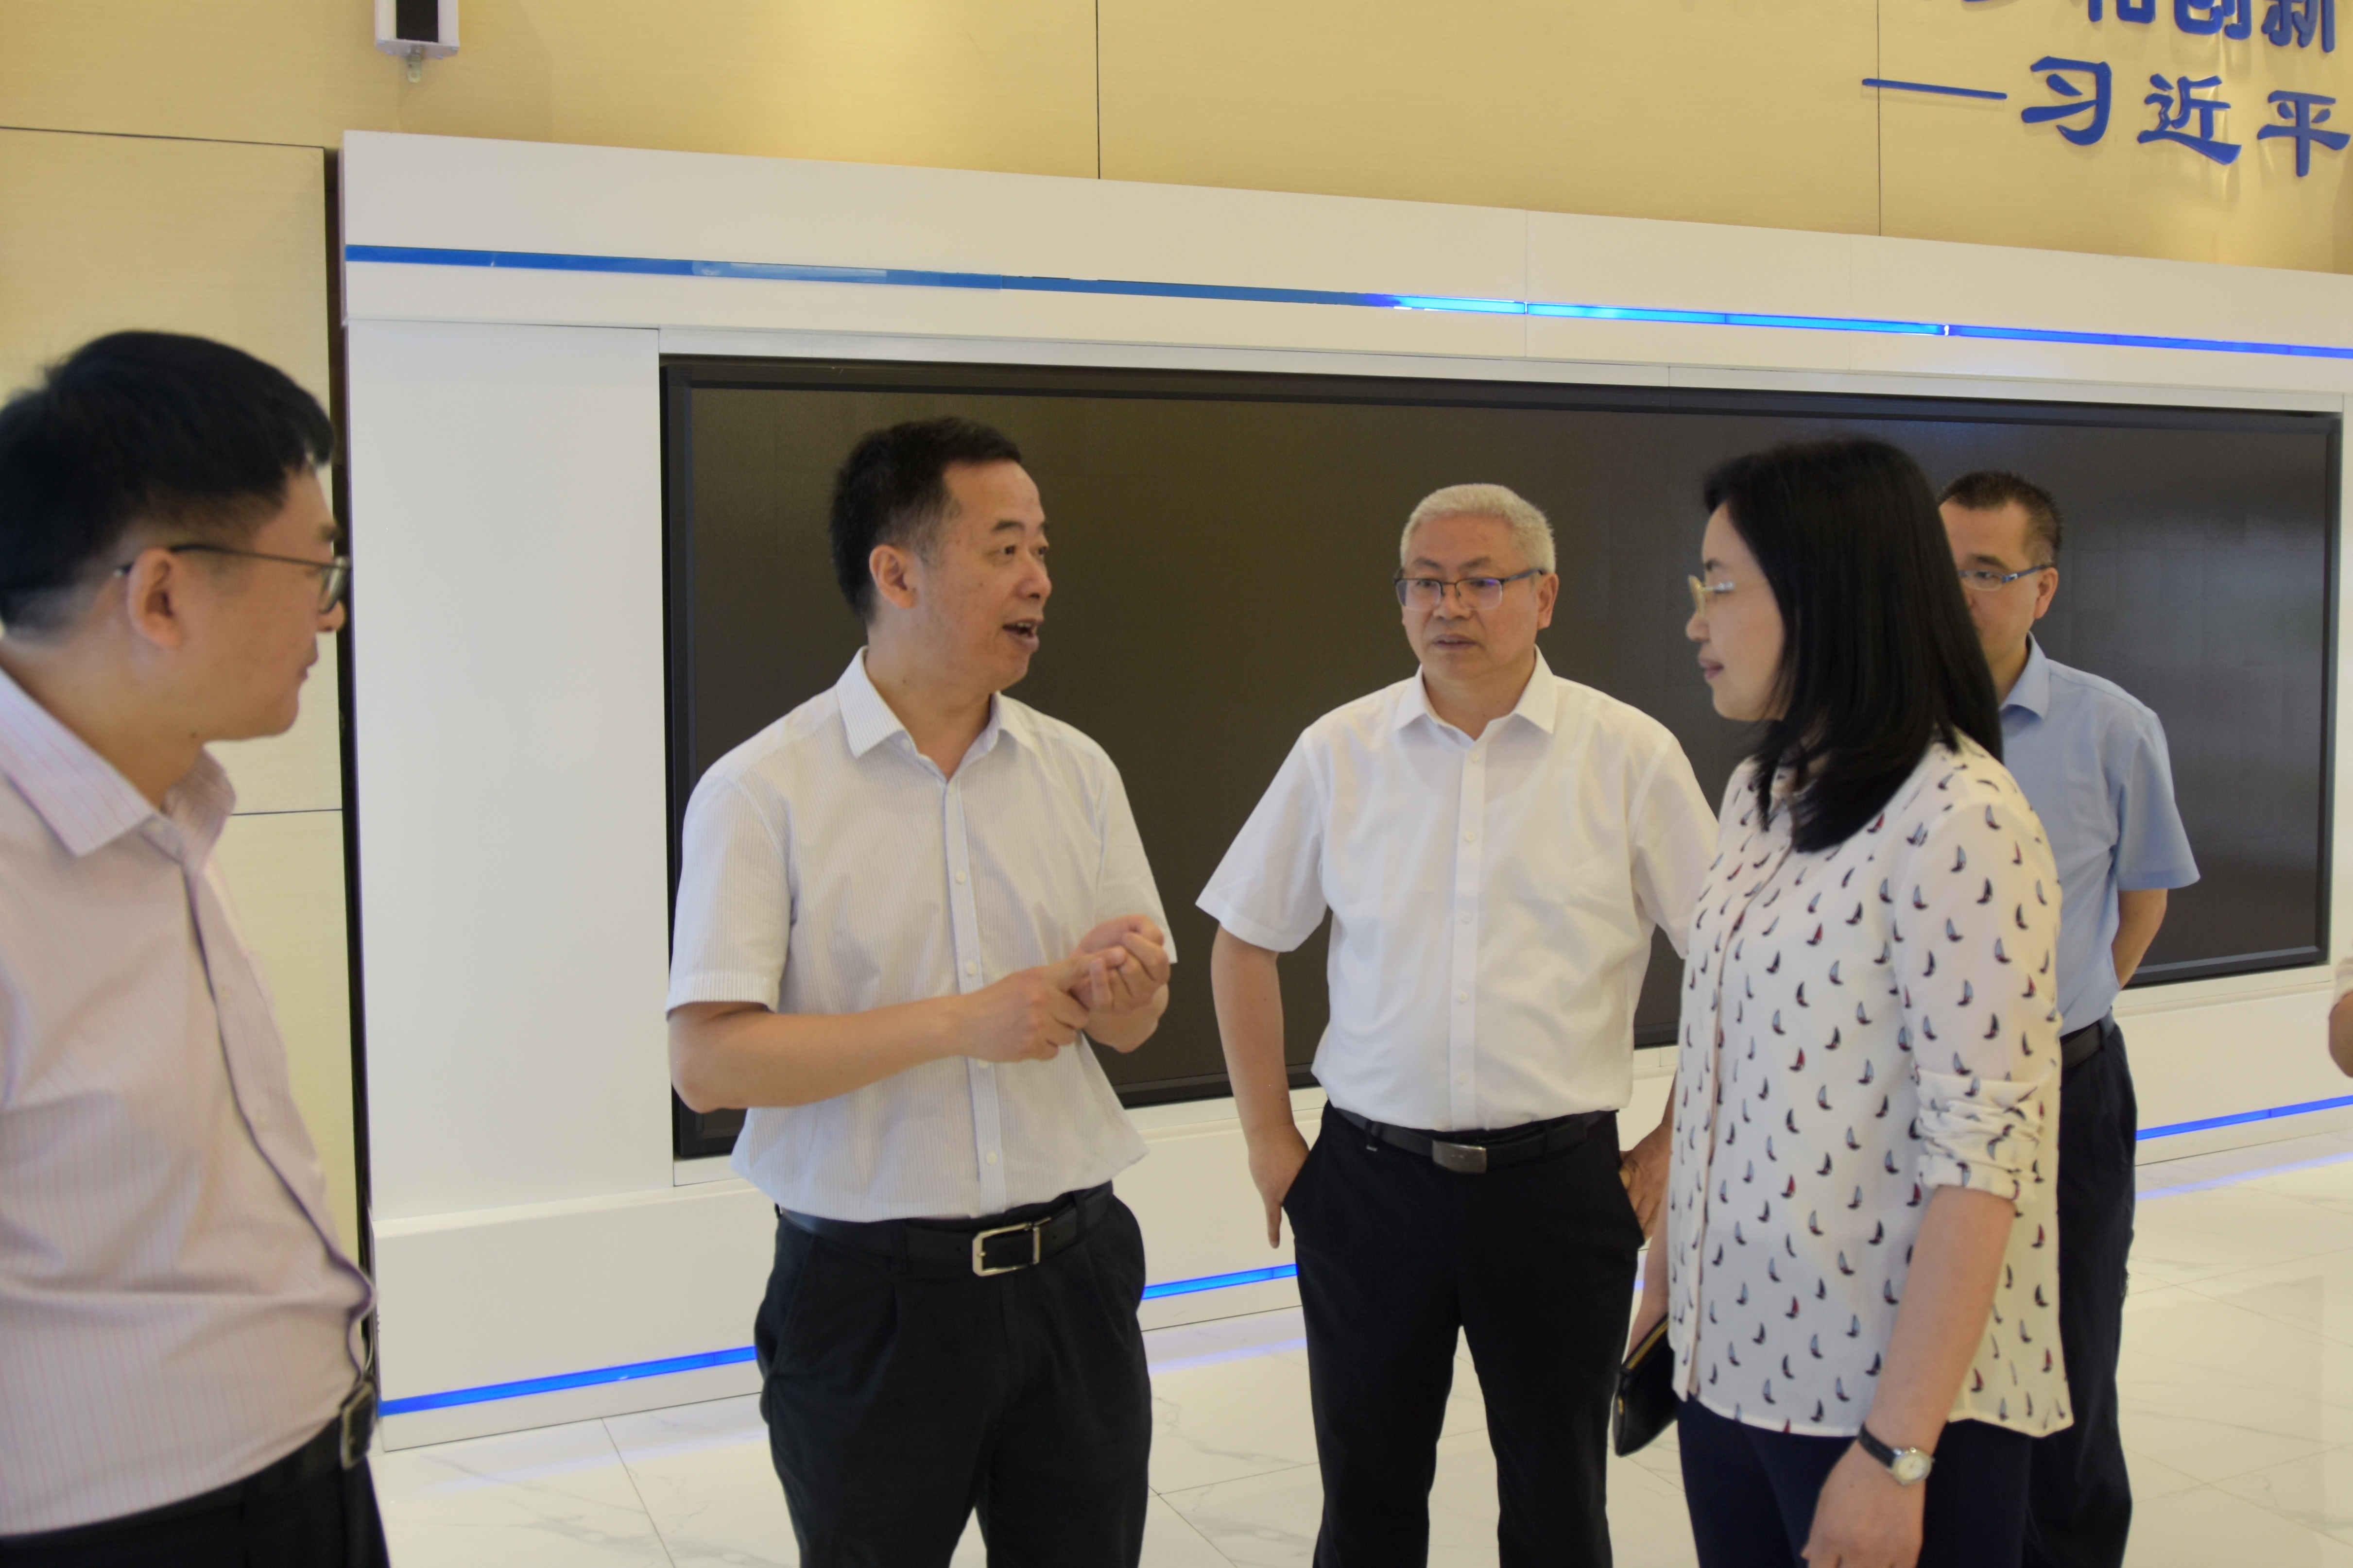 四川省委组织部副部长易林莅临产研院检查指导工作